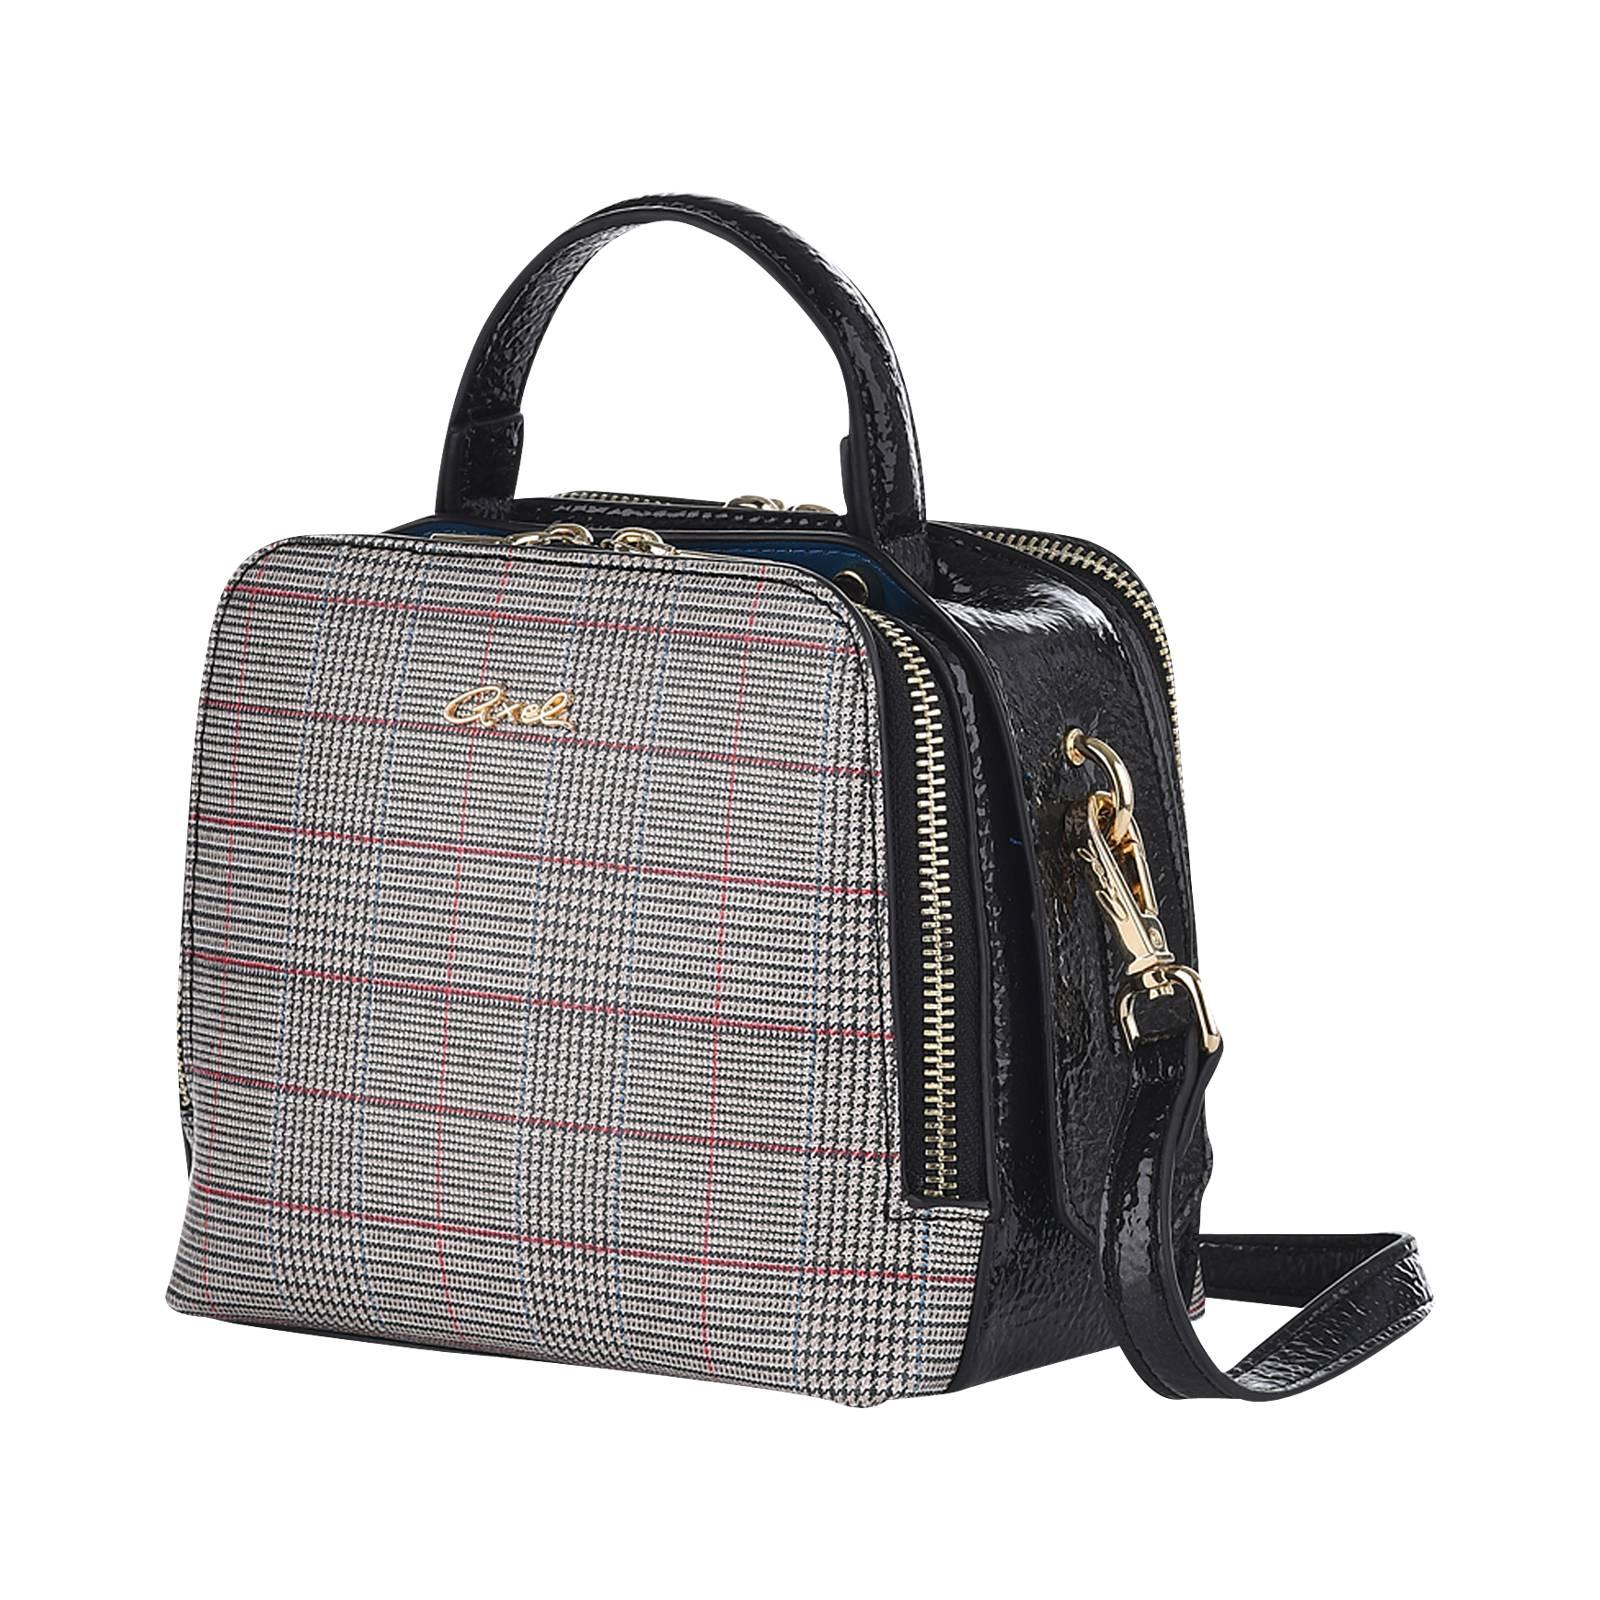 Wales Check - Γυναικεία τσάντα Axel από δερμα συνθετικο - Gianna ... 9af2a610244